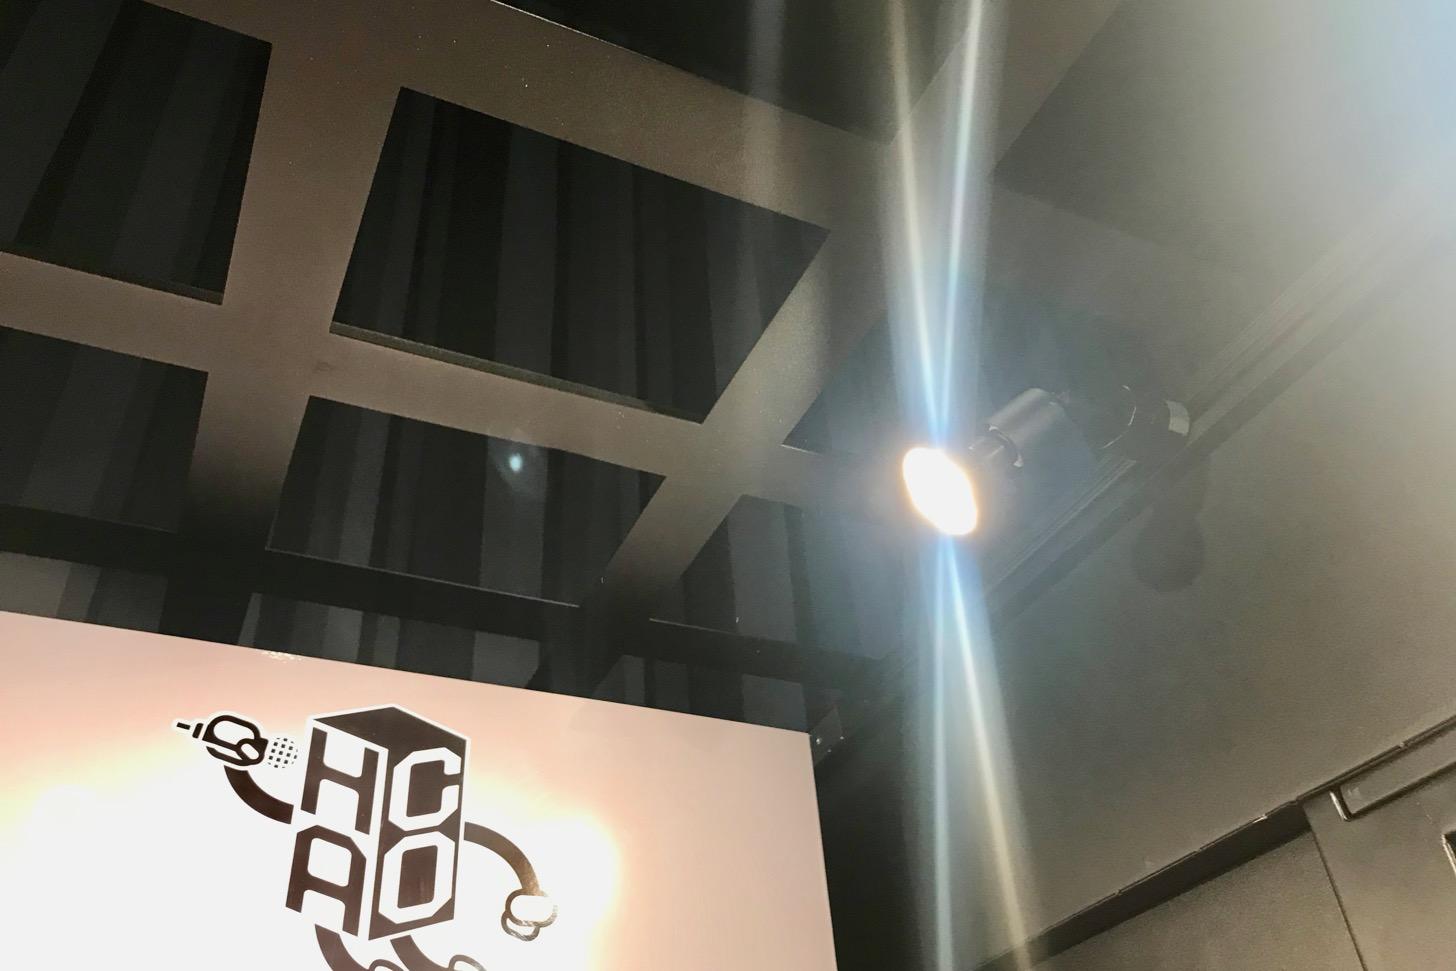 ハコカラ イオンシネマ多摩センター 天井は開いてる